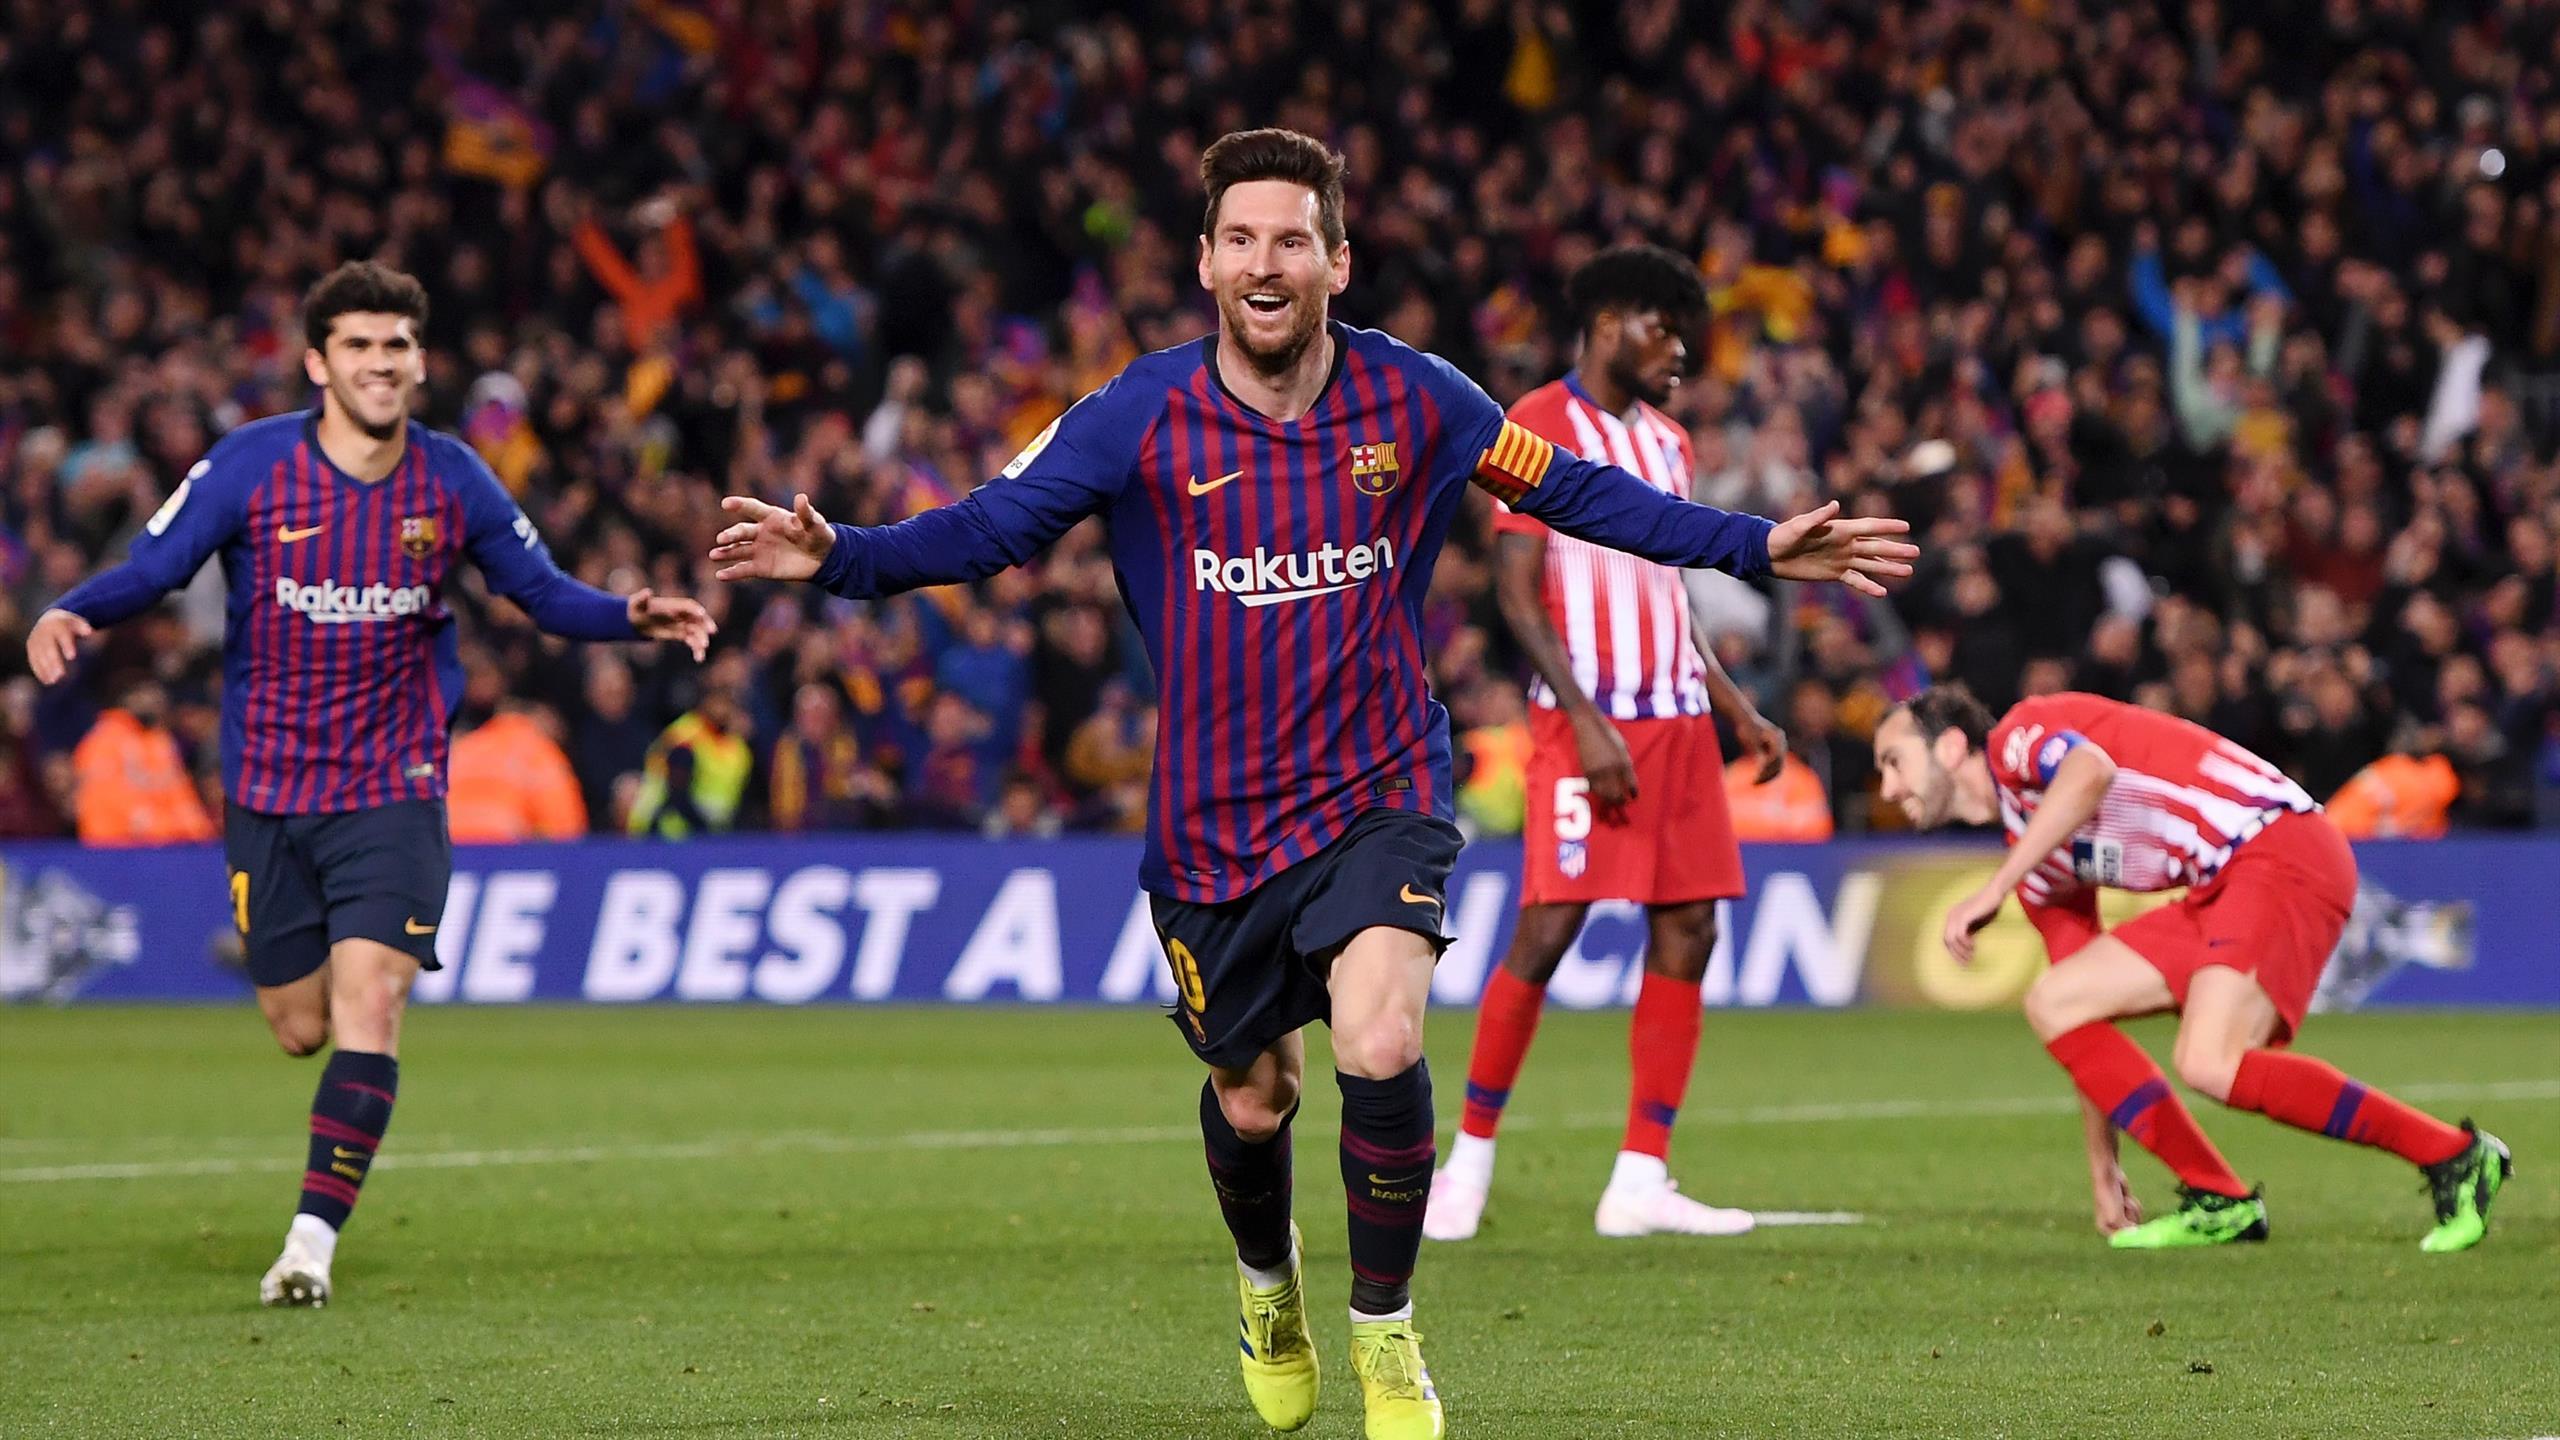 Футбол- чм лига испания